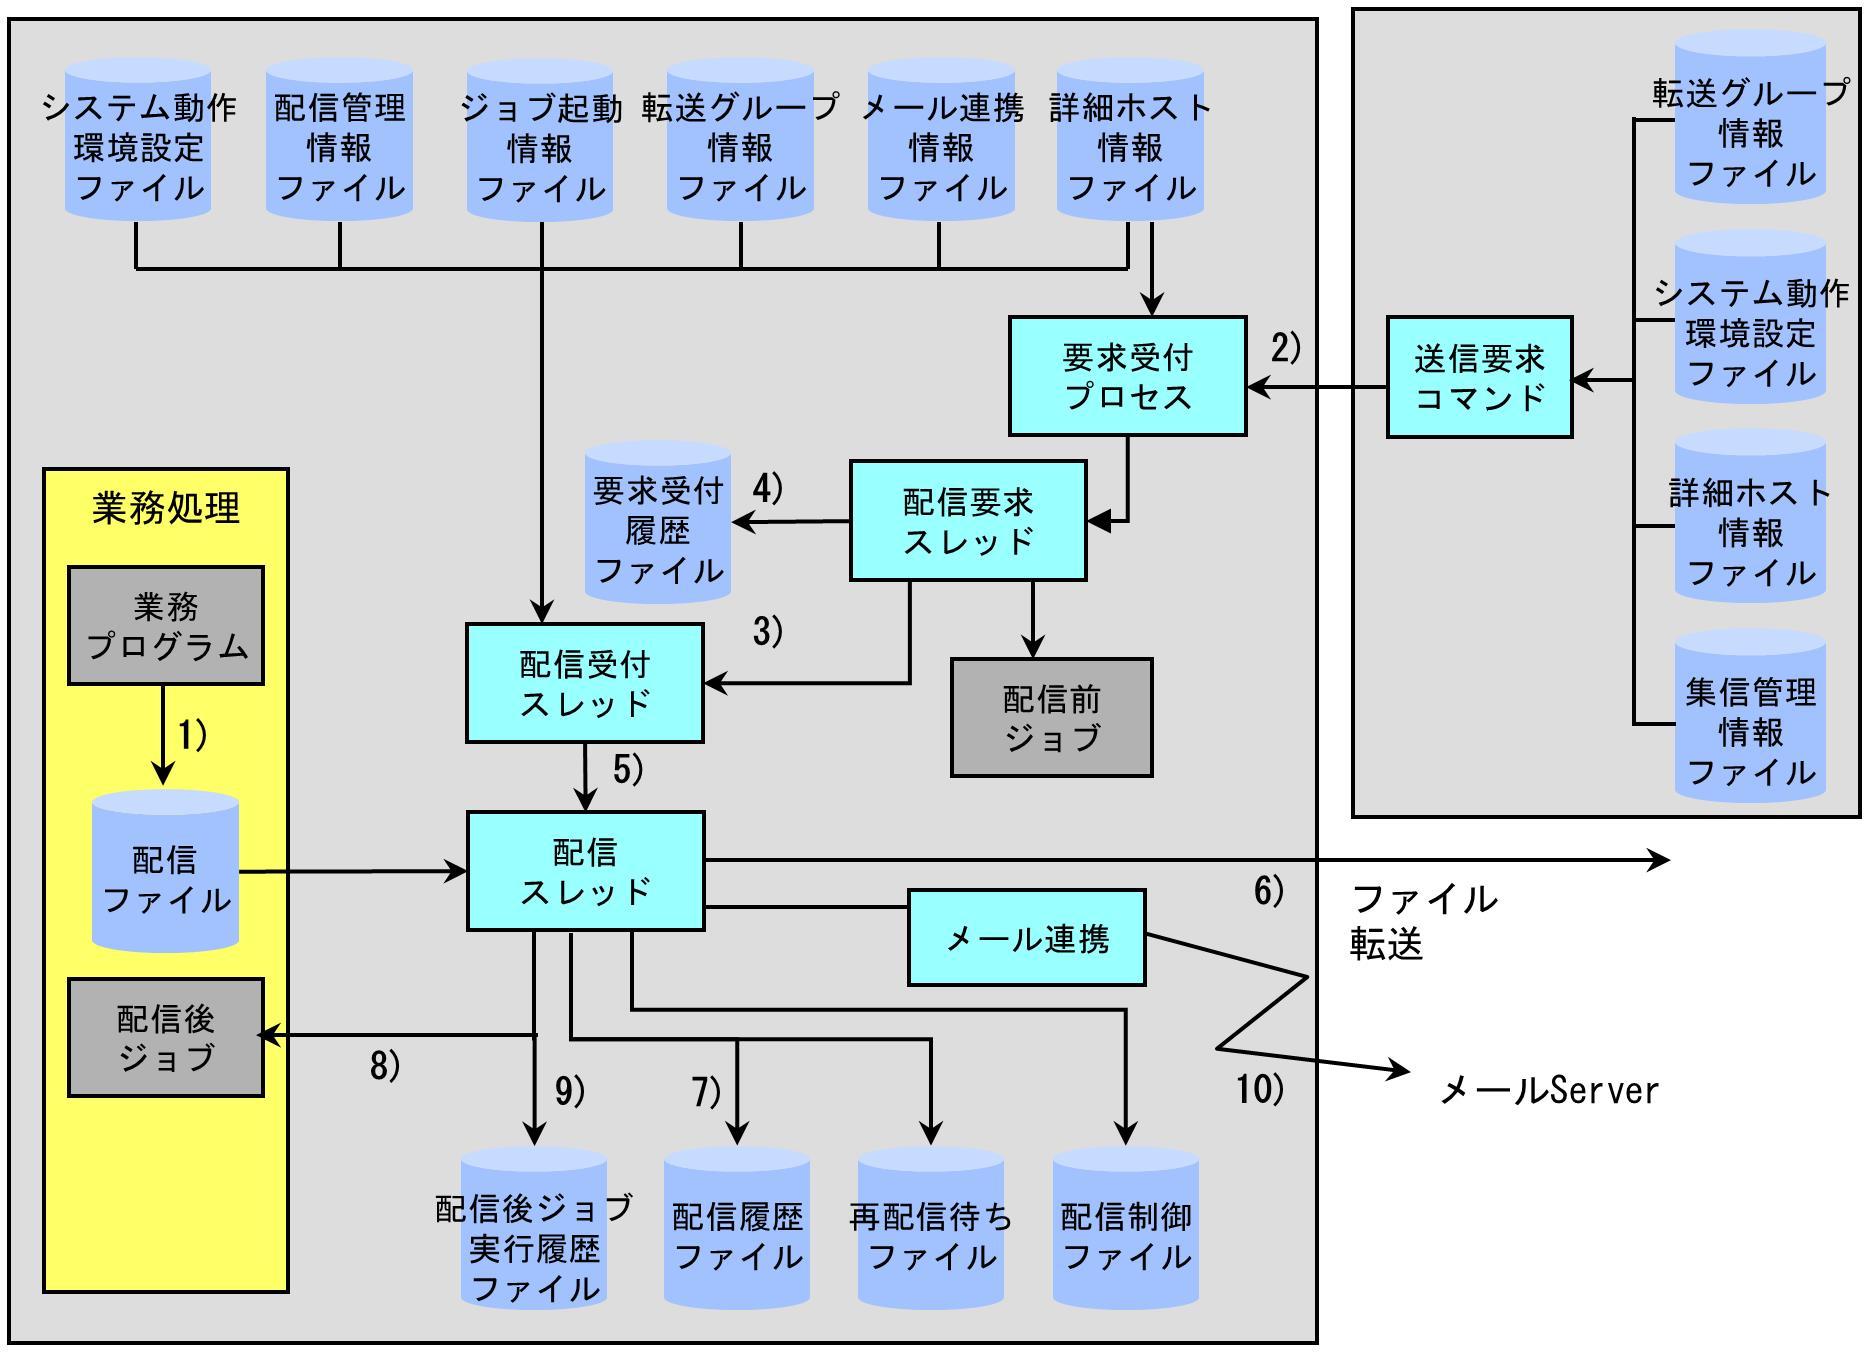 起動側 (きどうがわ) - Japanese-English Dictionary - JapaneseClass.jp